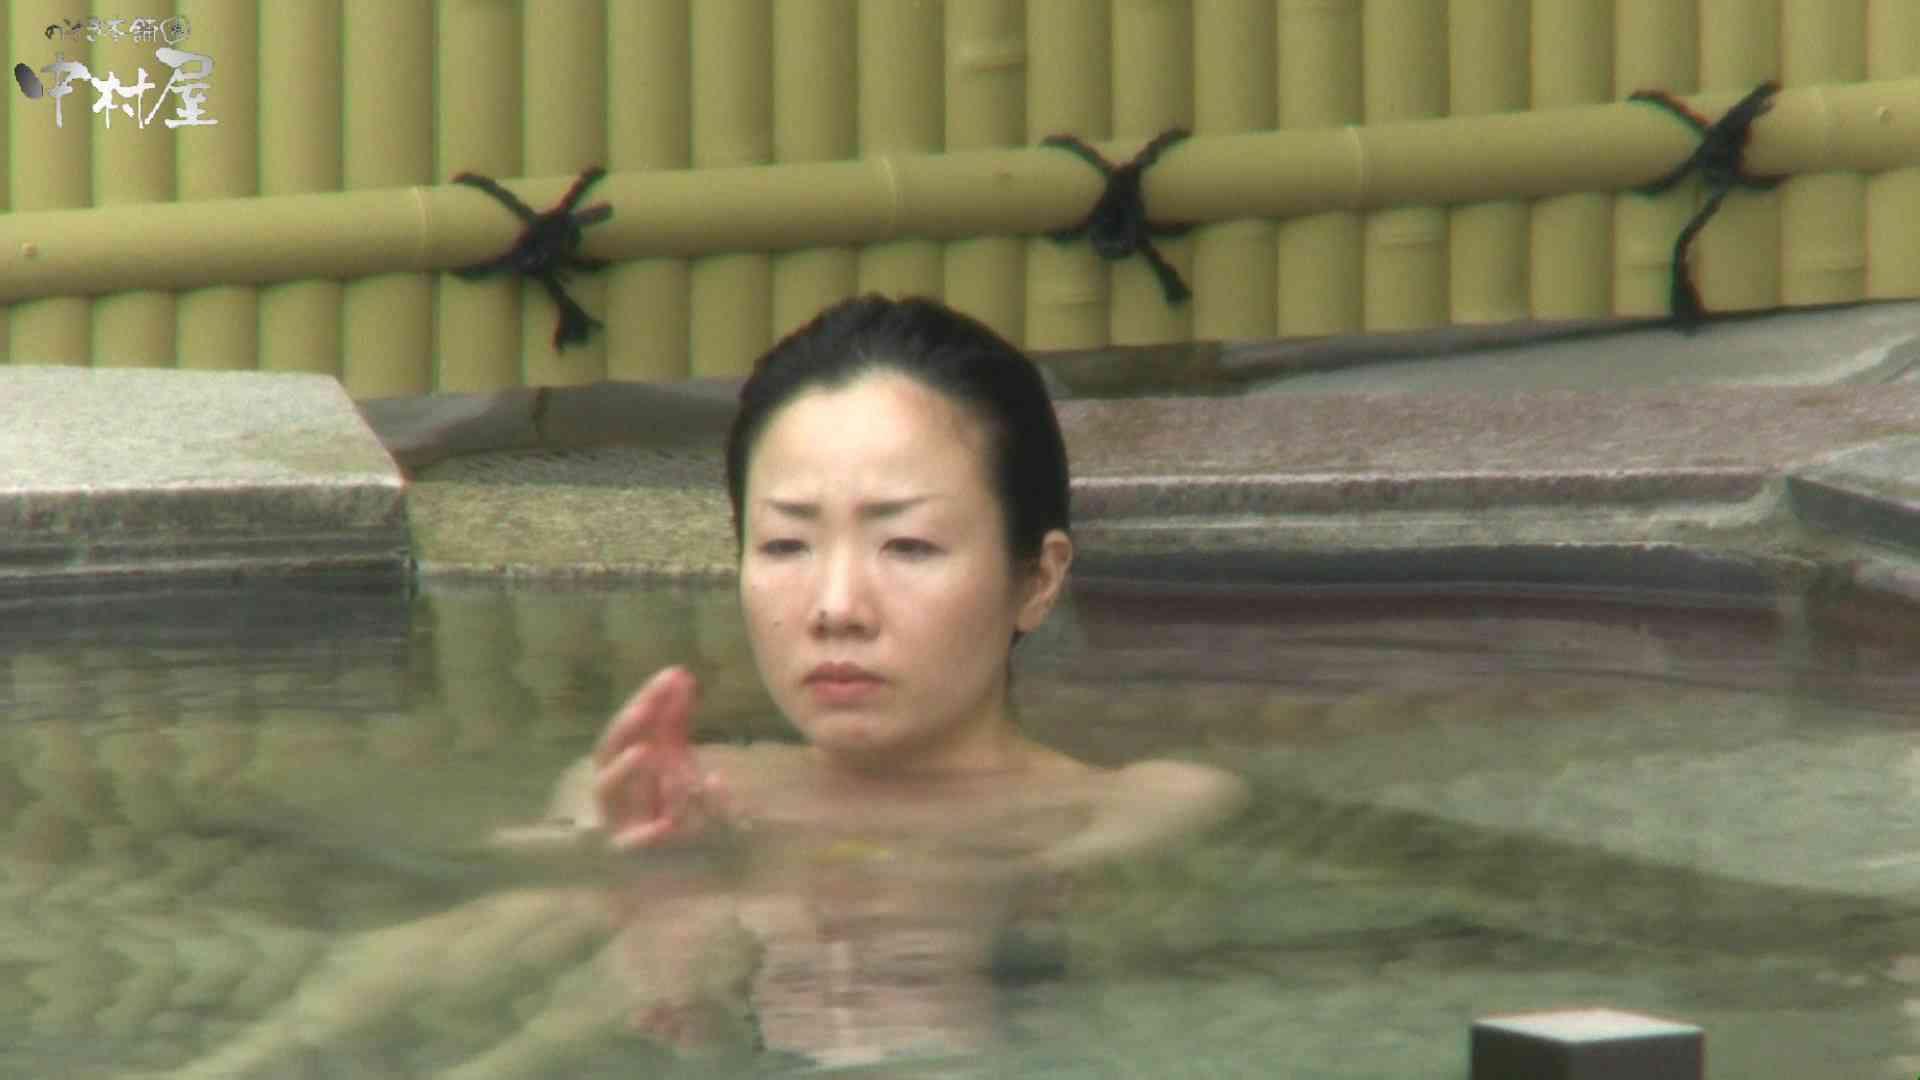 Aquaな露天風呂Vol.950 OLセックス 盗撮AV動画キャプチャ 61画像 20